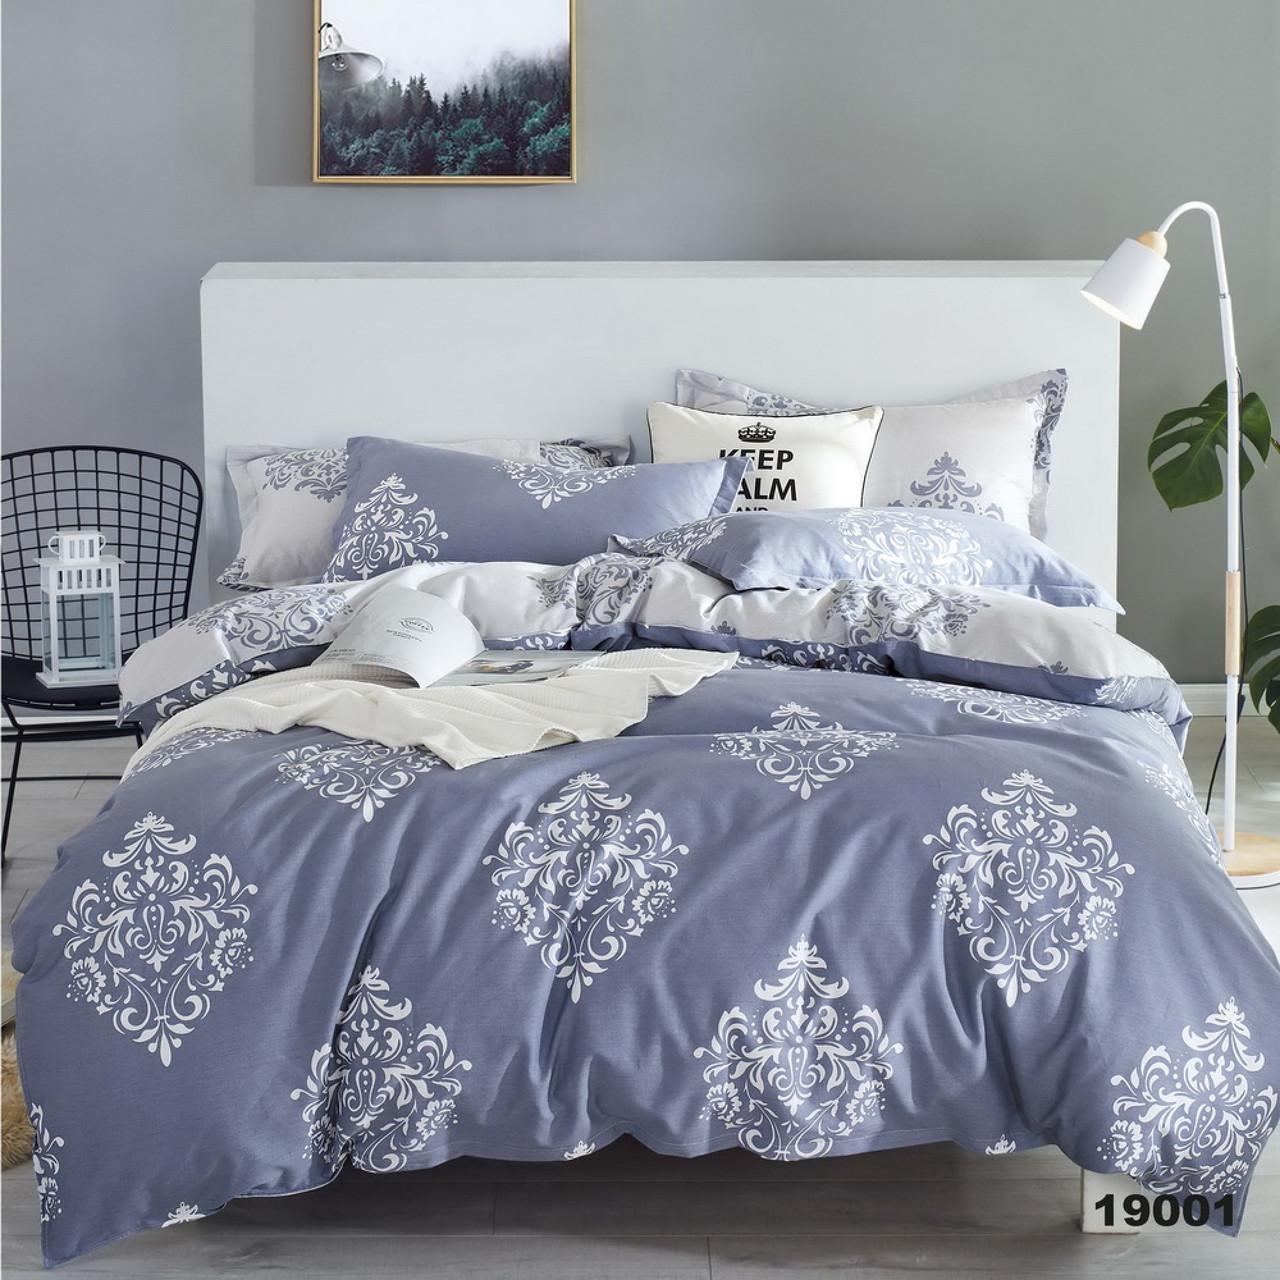 Комплект постельного белья ранфорс 19001 ТМ Вилюта